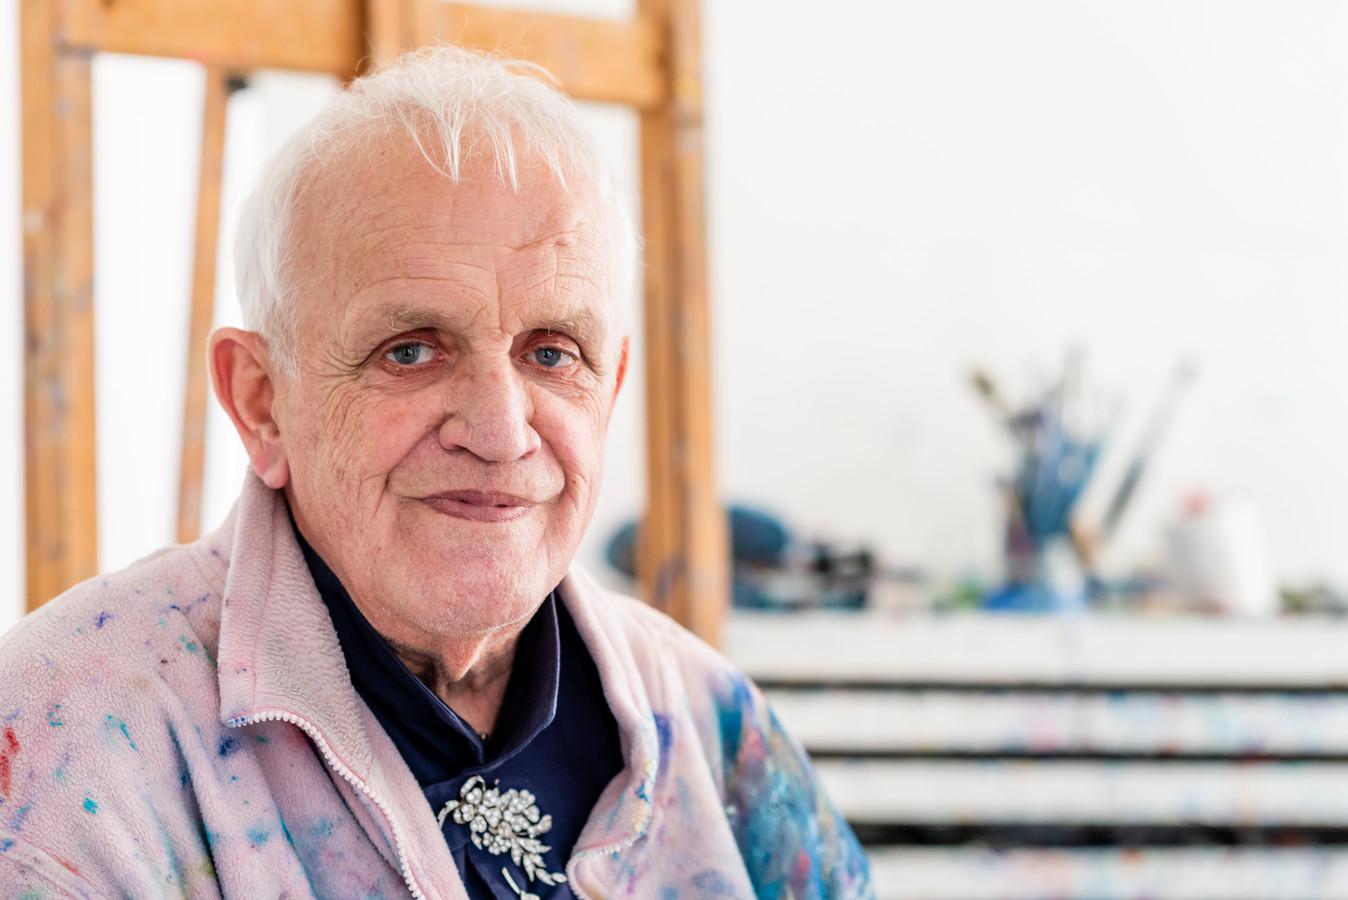 Kunstenaar Ido Vunderink is op 86-jarige leeftijd overleden.